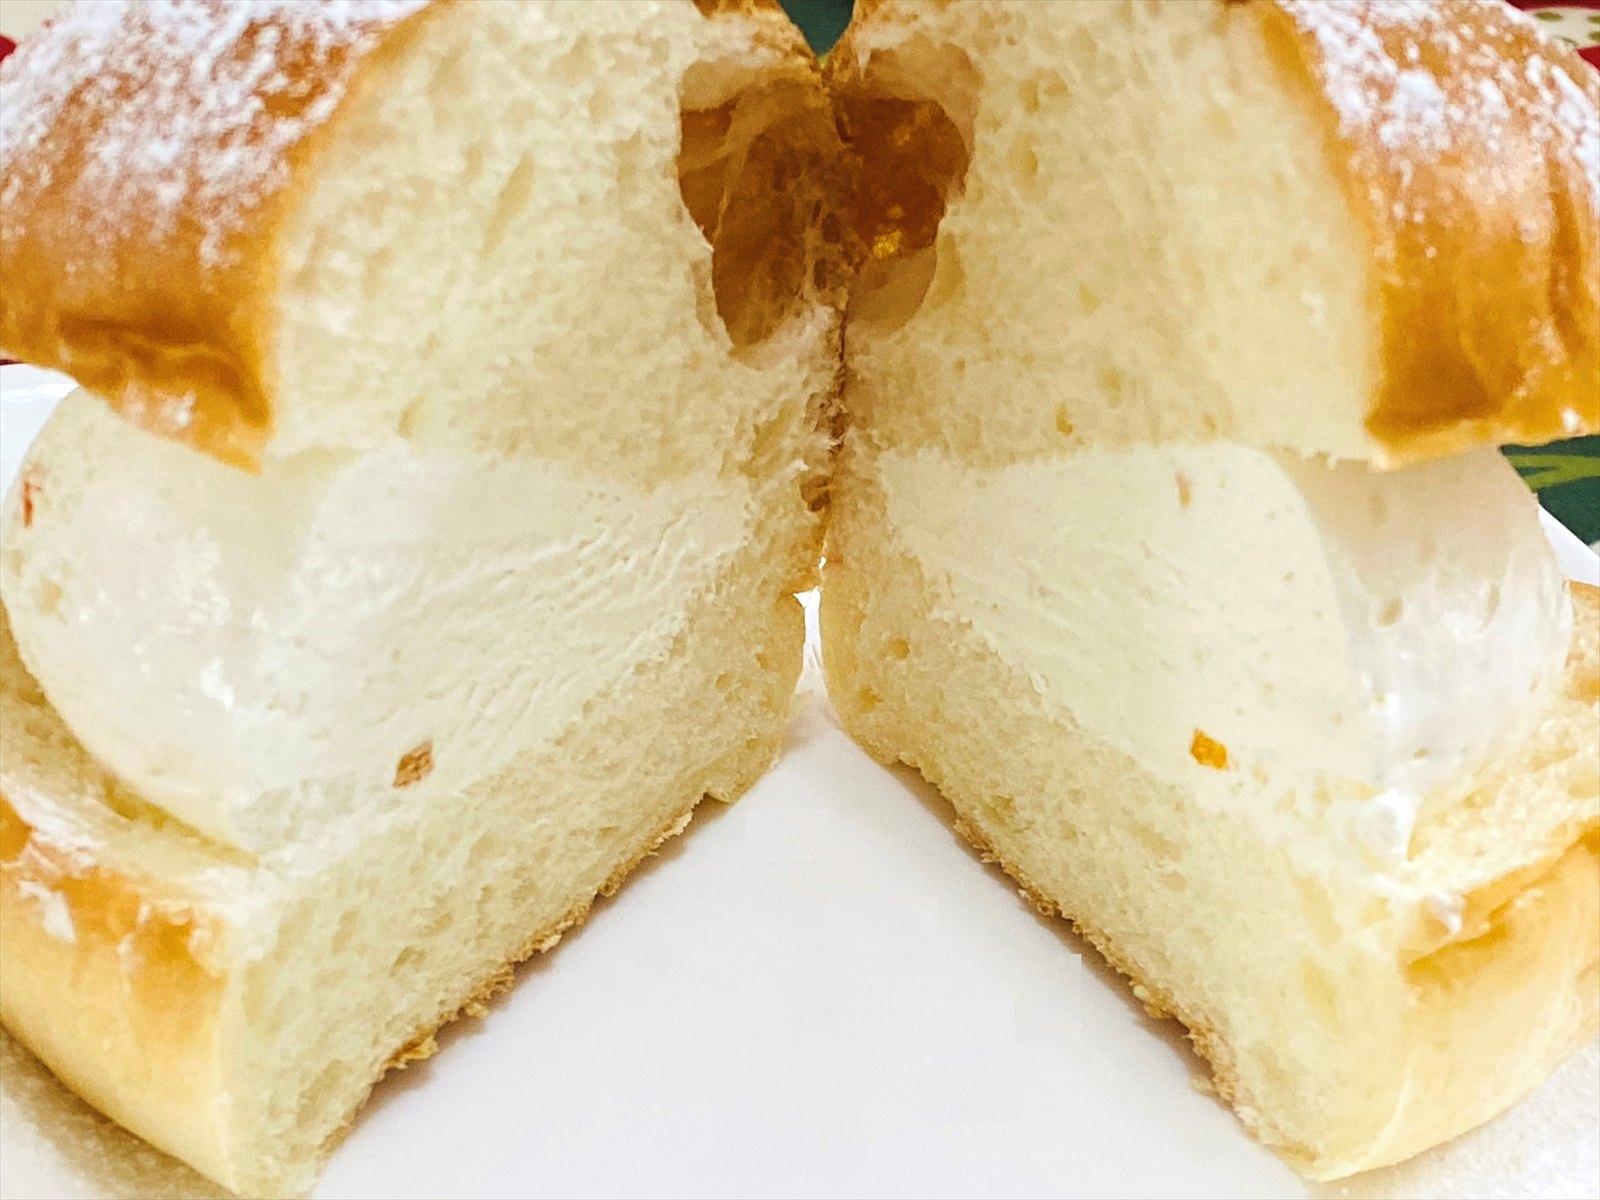 マリトッツォ 断面。やや大きめのパンに、たーっぷりとしたクリームが挟まっているためナイフで半分にカット